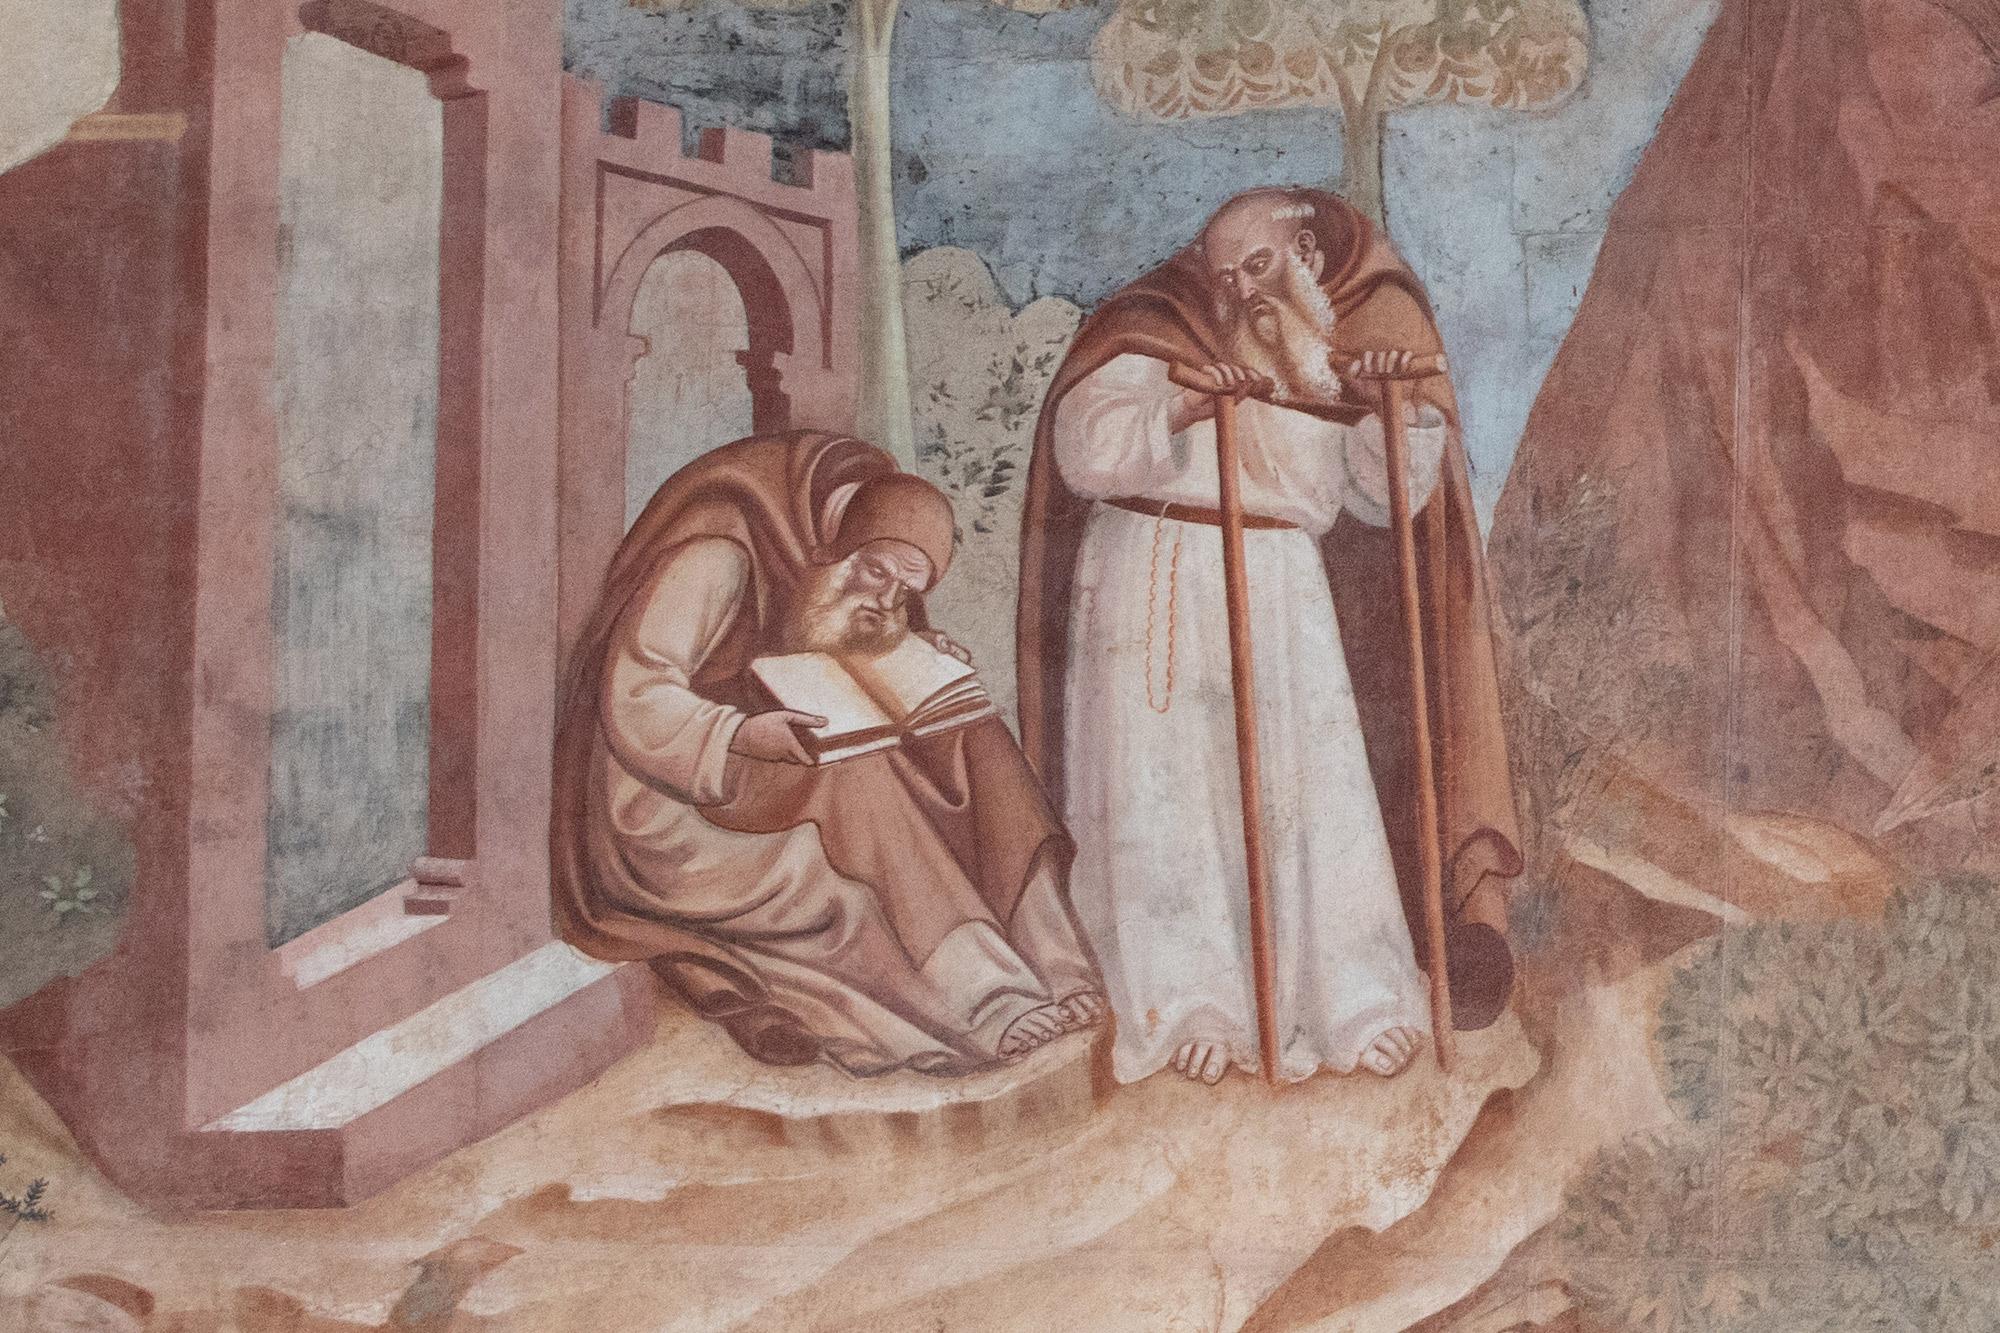 Bonamico Buffalmacco, Trionfo della Morte, dettaglio degli anacoreti